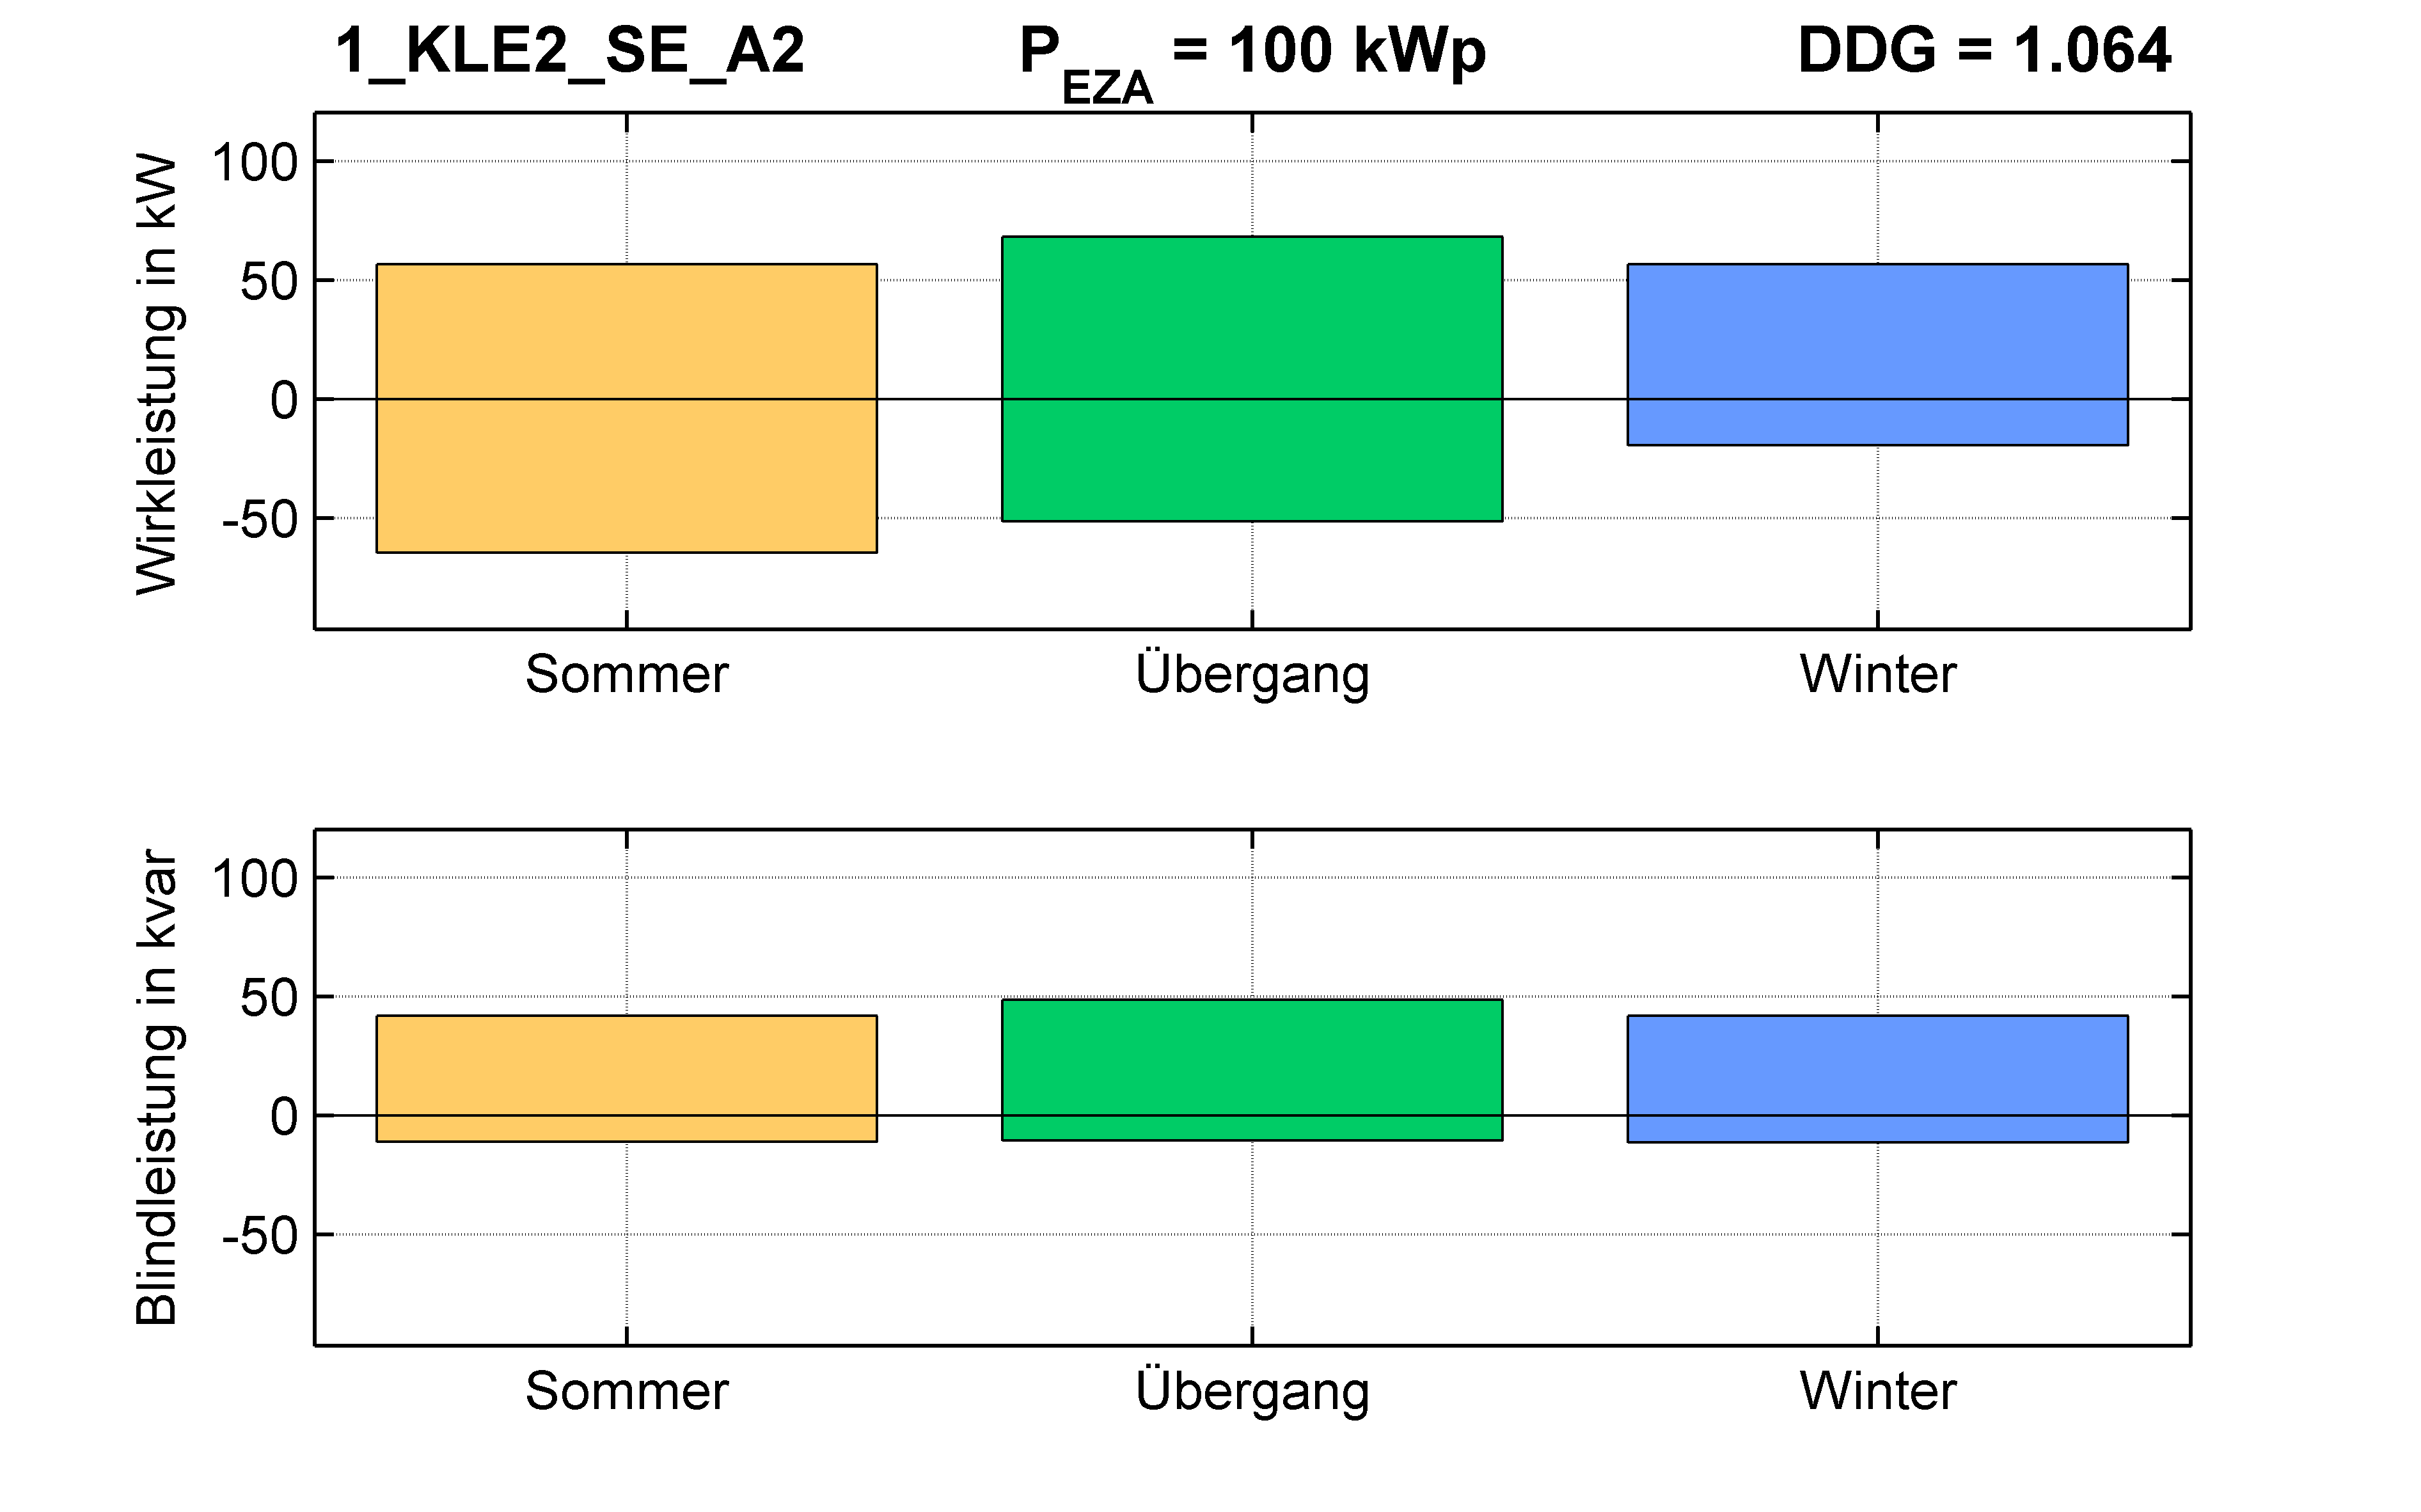 KLE2 | KABEL (SE) A2 | PQ-Bilanz